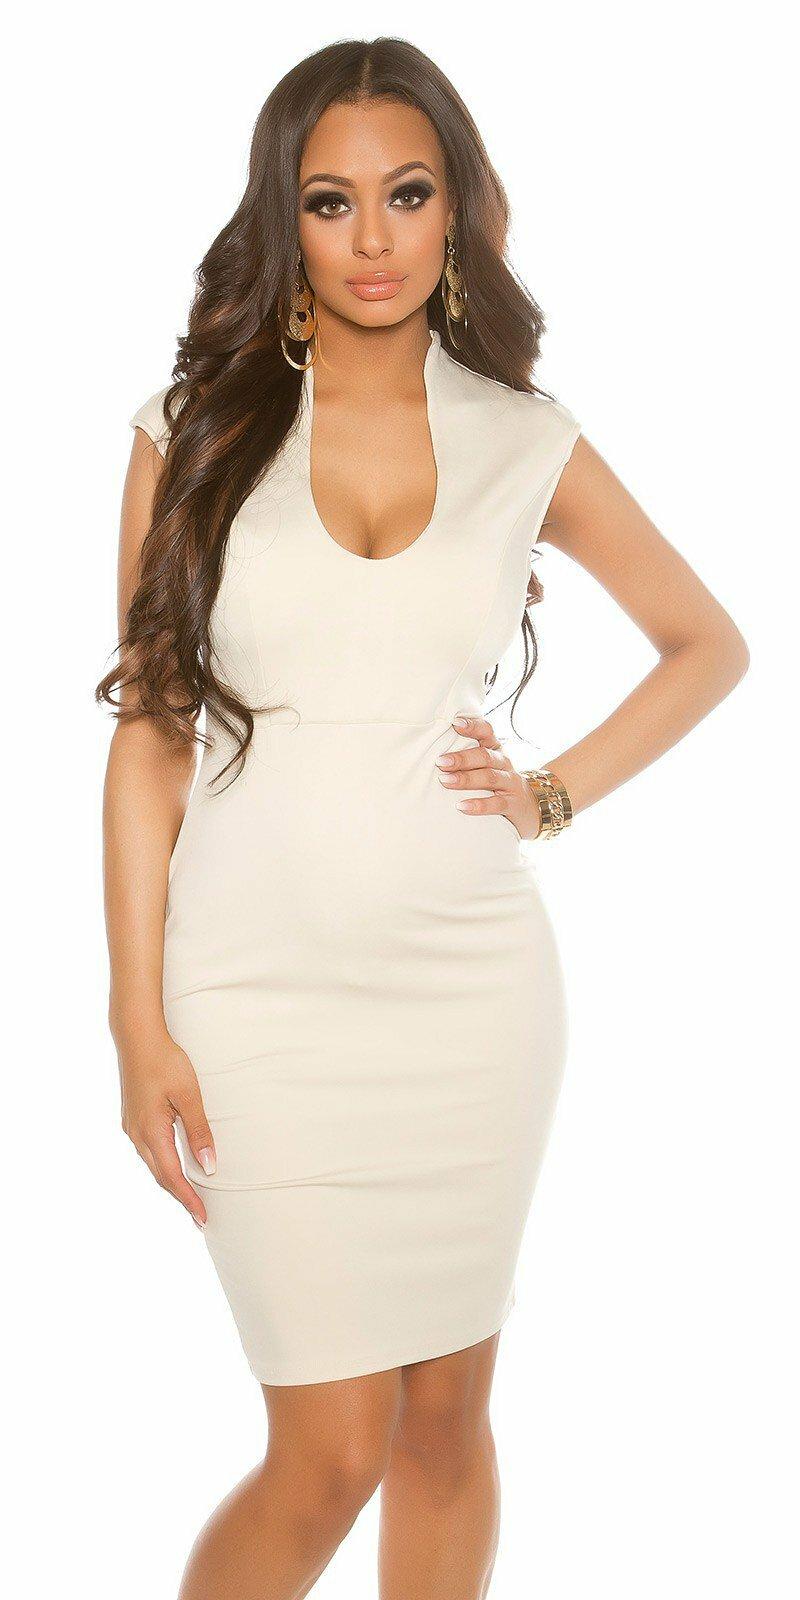 eb1e68748e8a Dámske mini šaty KouCla  Veľkosť Univerzálna (XS S M) Farba Béžová